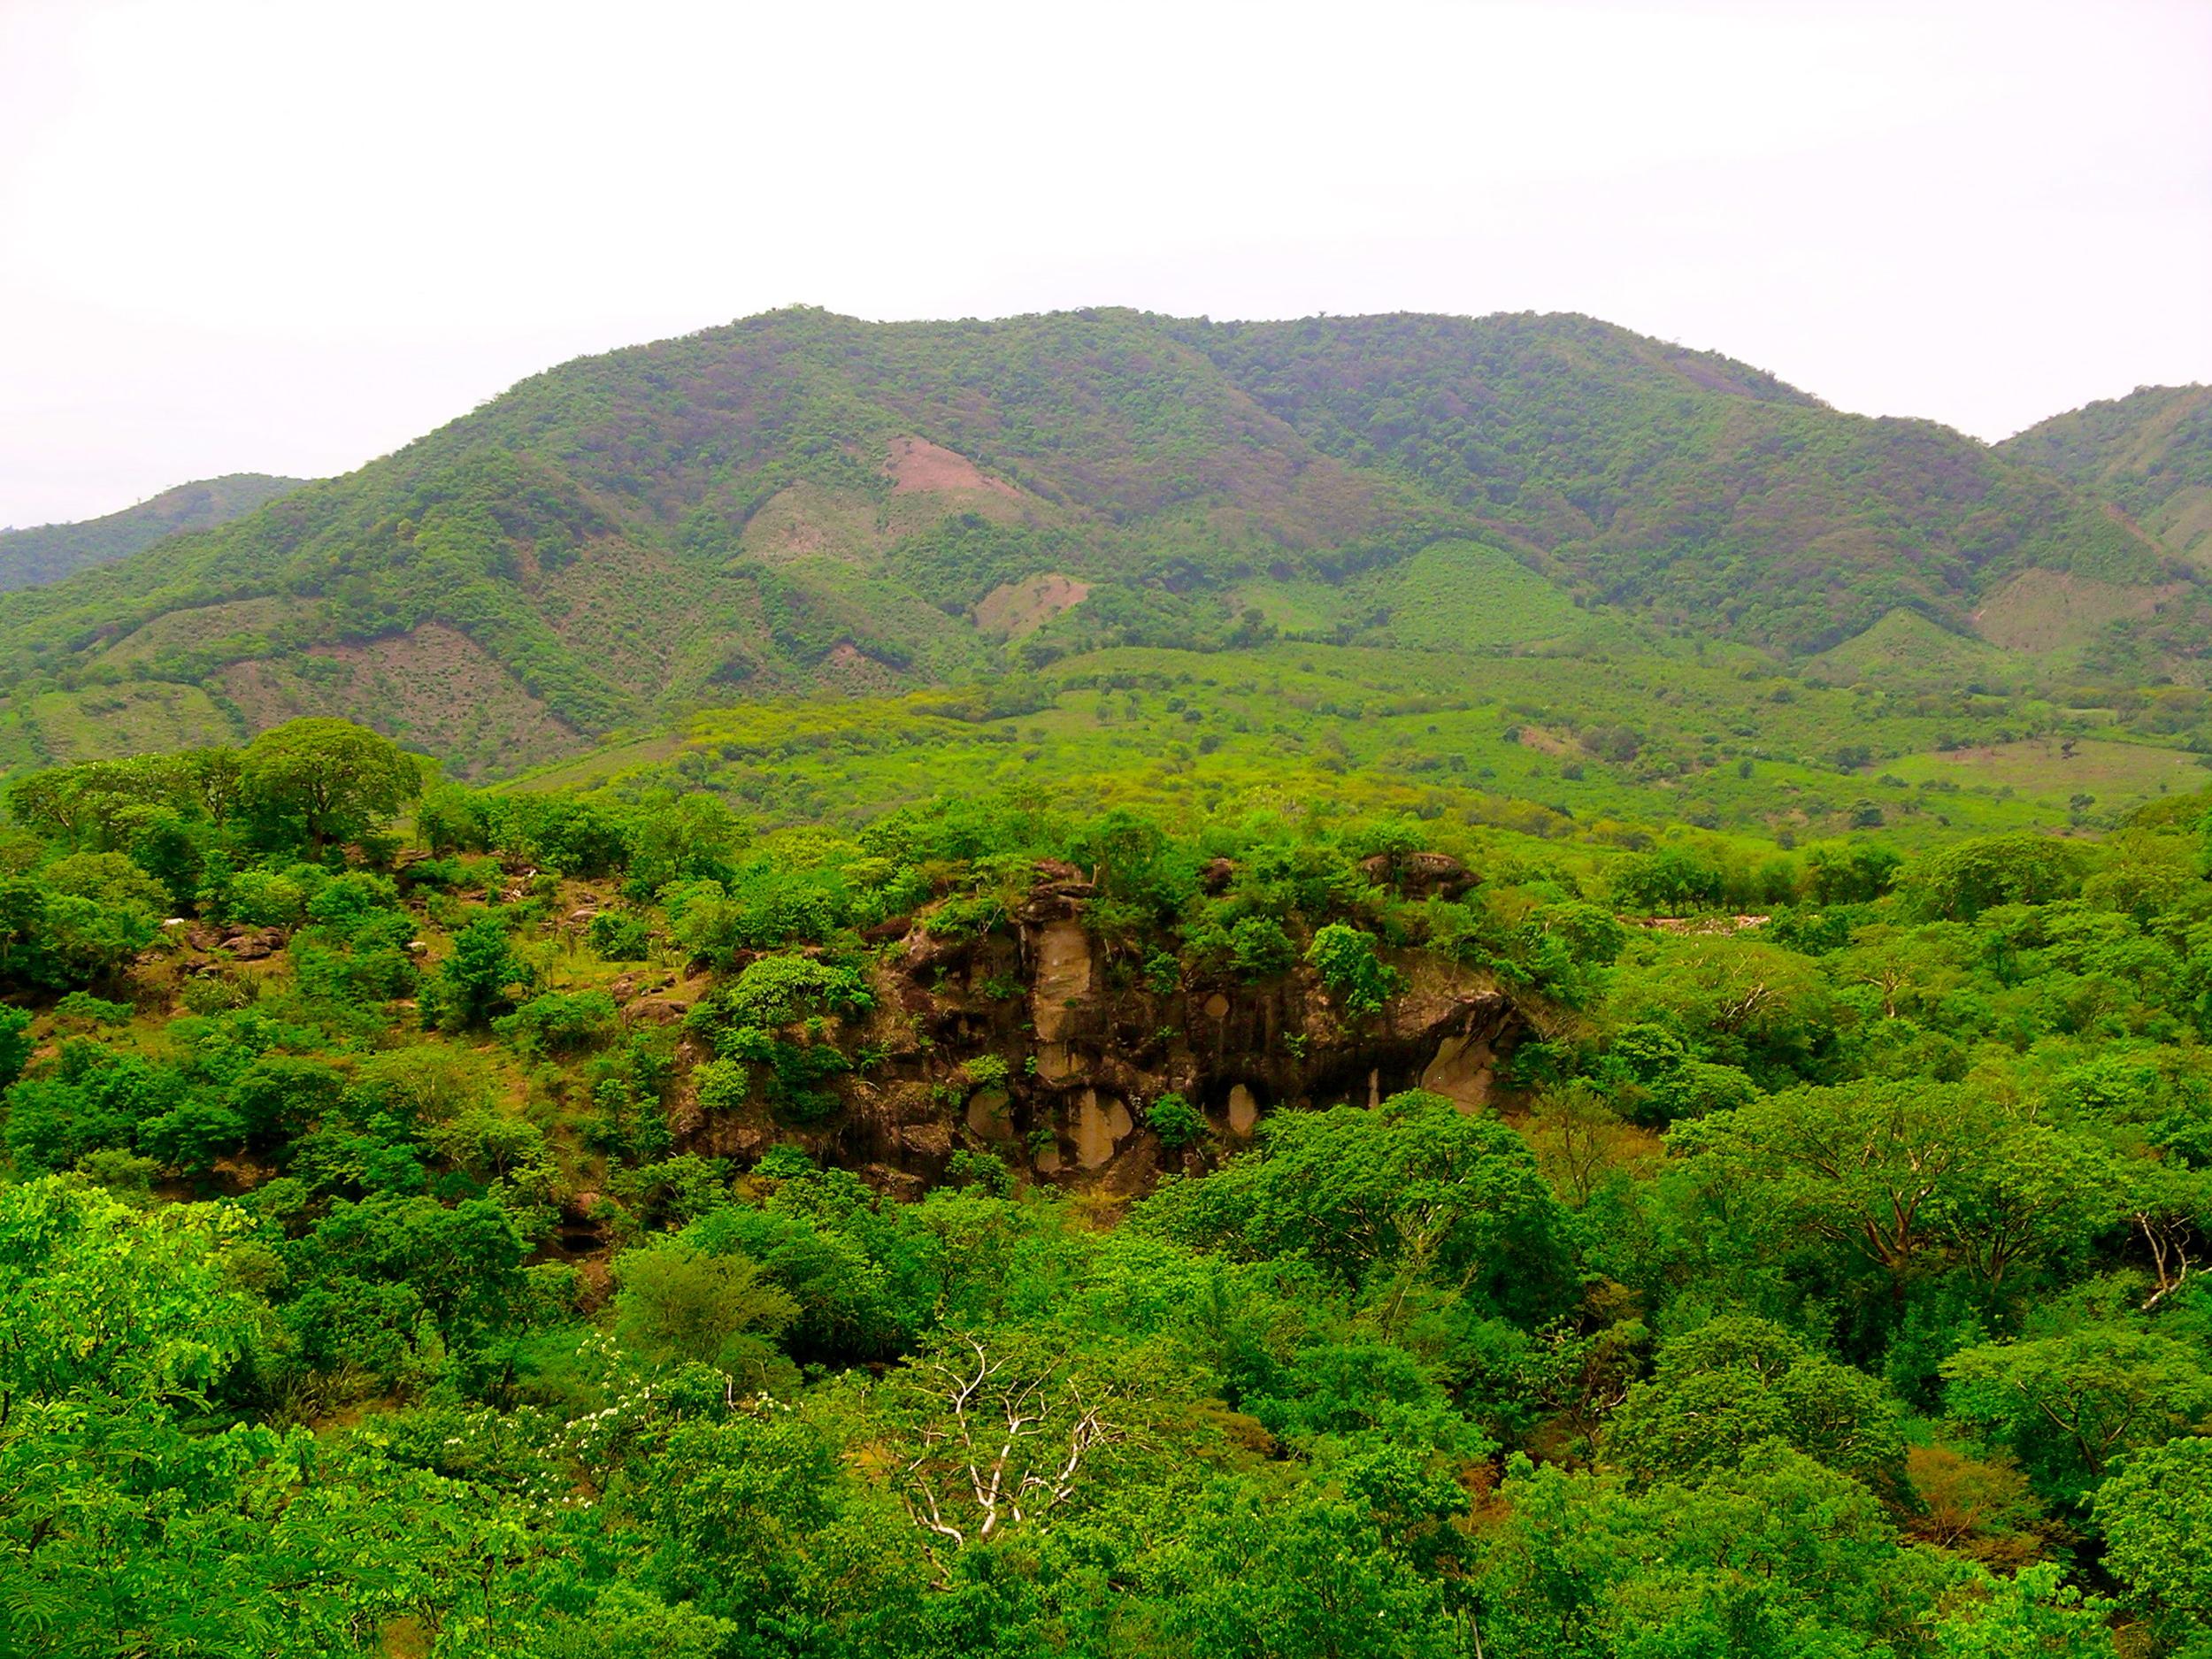 Gretchen Website Nicaragua Forest Landscape.JPG